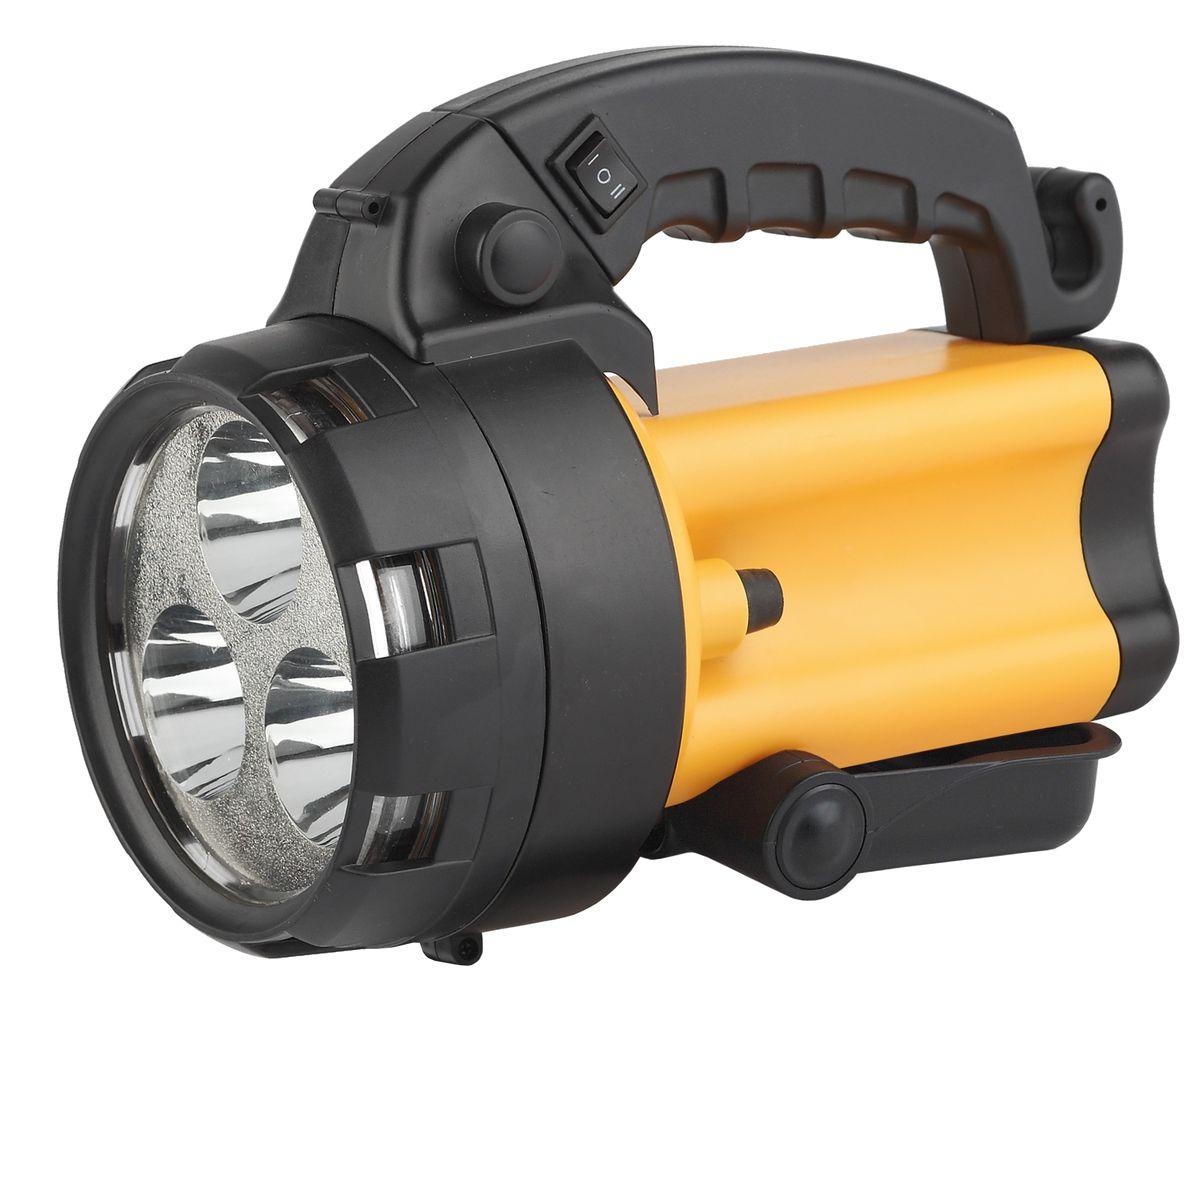 Фонарь ручной Эра, 3 x 1 Вт LED SMD, аккумулятор 4В 4,5Ач, ЗУ 220V+12VKOC2028LEDАккумуляторный светодиодный прожектор Эра:3 x 1 Вт белые светодиоды (два режима работы 50% и 100% яркости)Сигнальный красный светильник в задней части фонаряАккумулятор 4V 4,5Ah (AC3, DT4045)Подзарядка от сети 220 Вольт и бортовой сети автомобиля 12 ВольтРемень для переноски на плече.